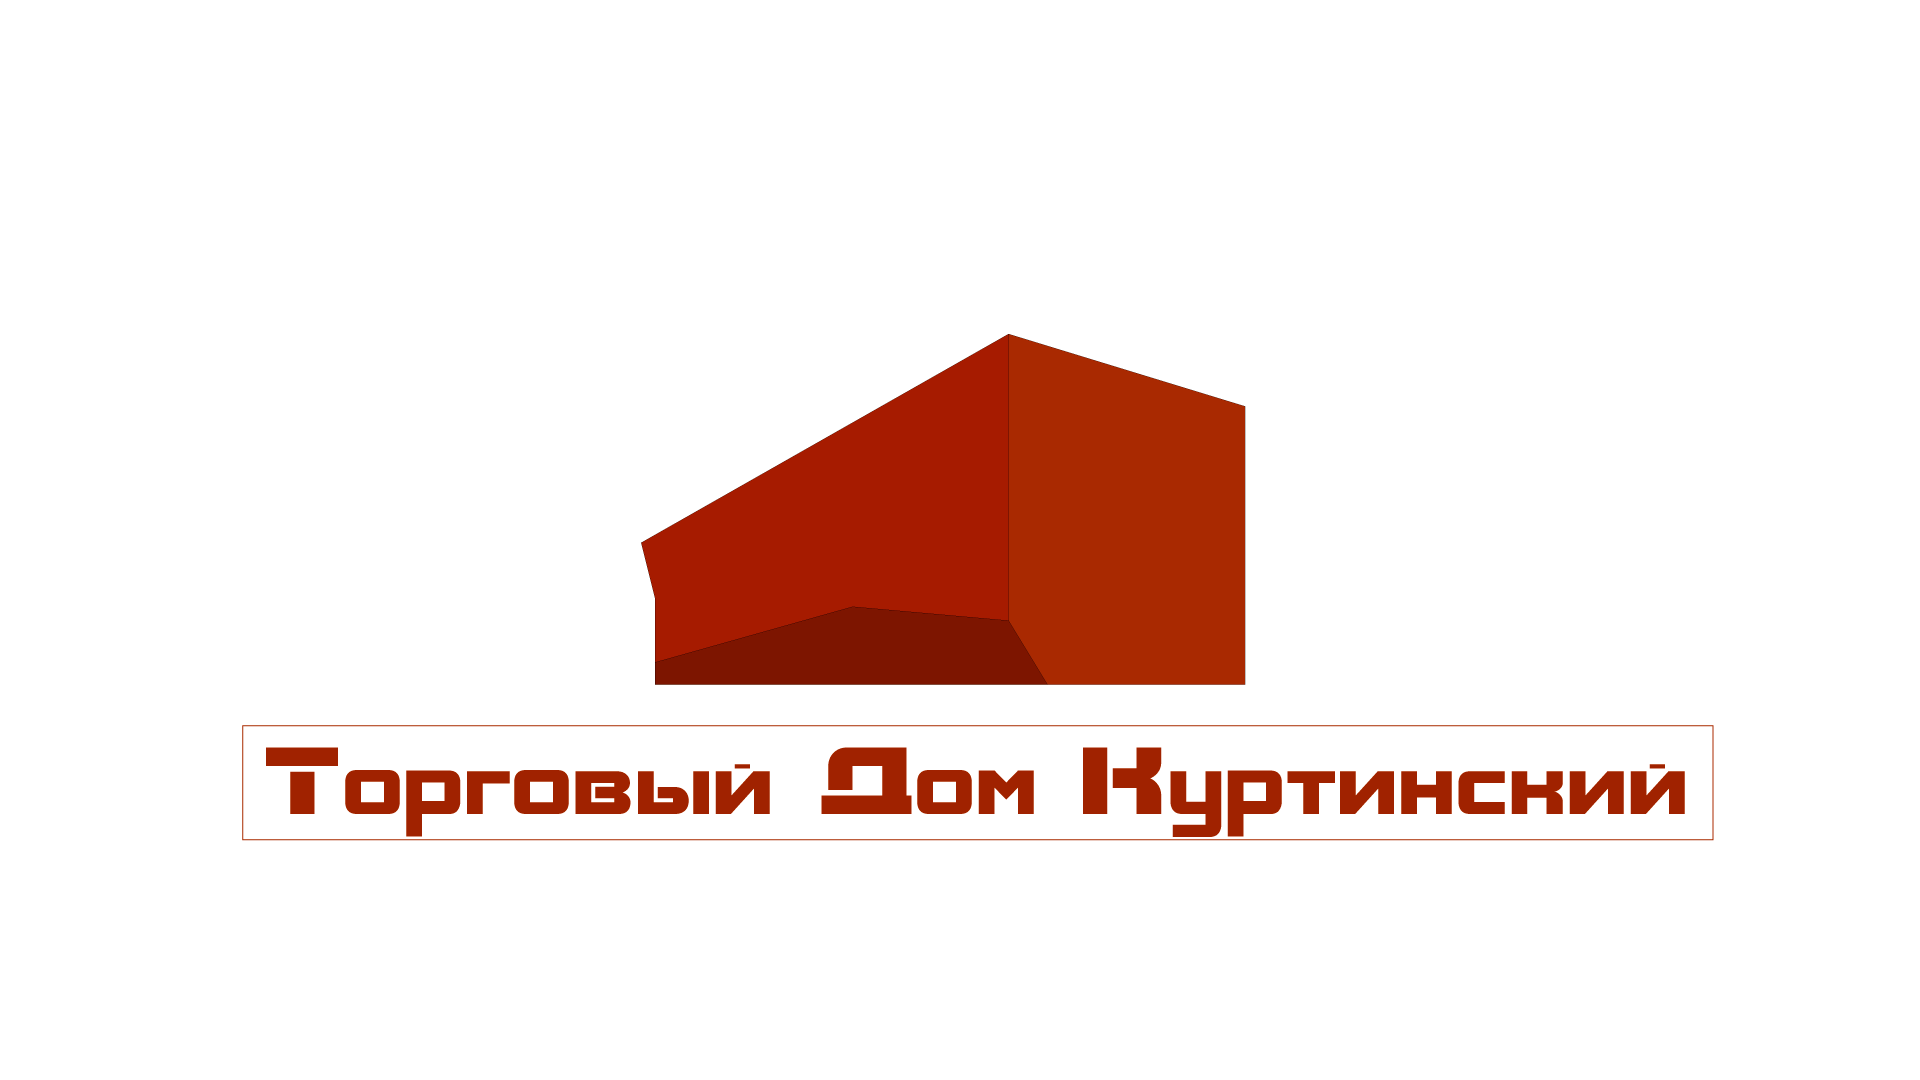 Логотип для камнедобывающей компании фото f_7635b9bd63da1a08.png